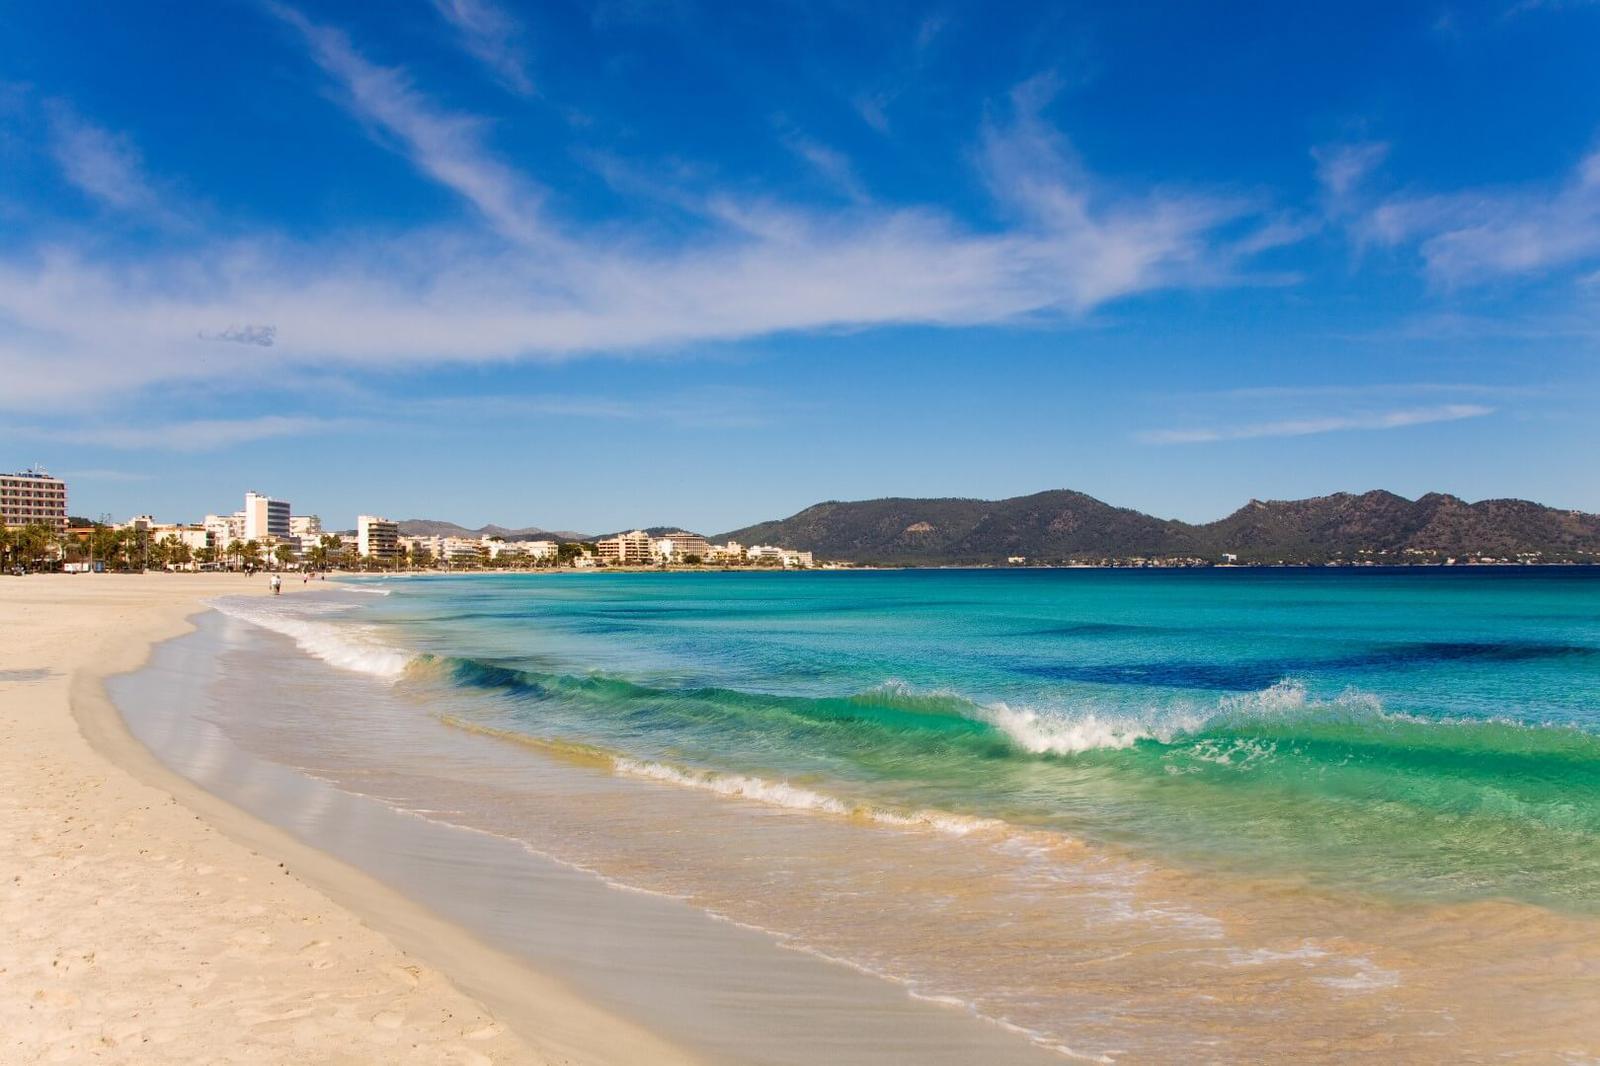 Playa en Cala Millor, Mallorca